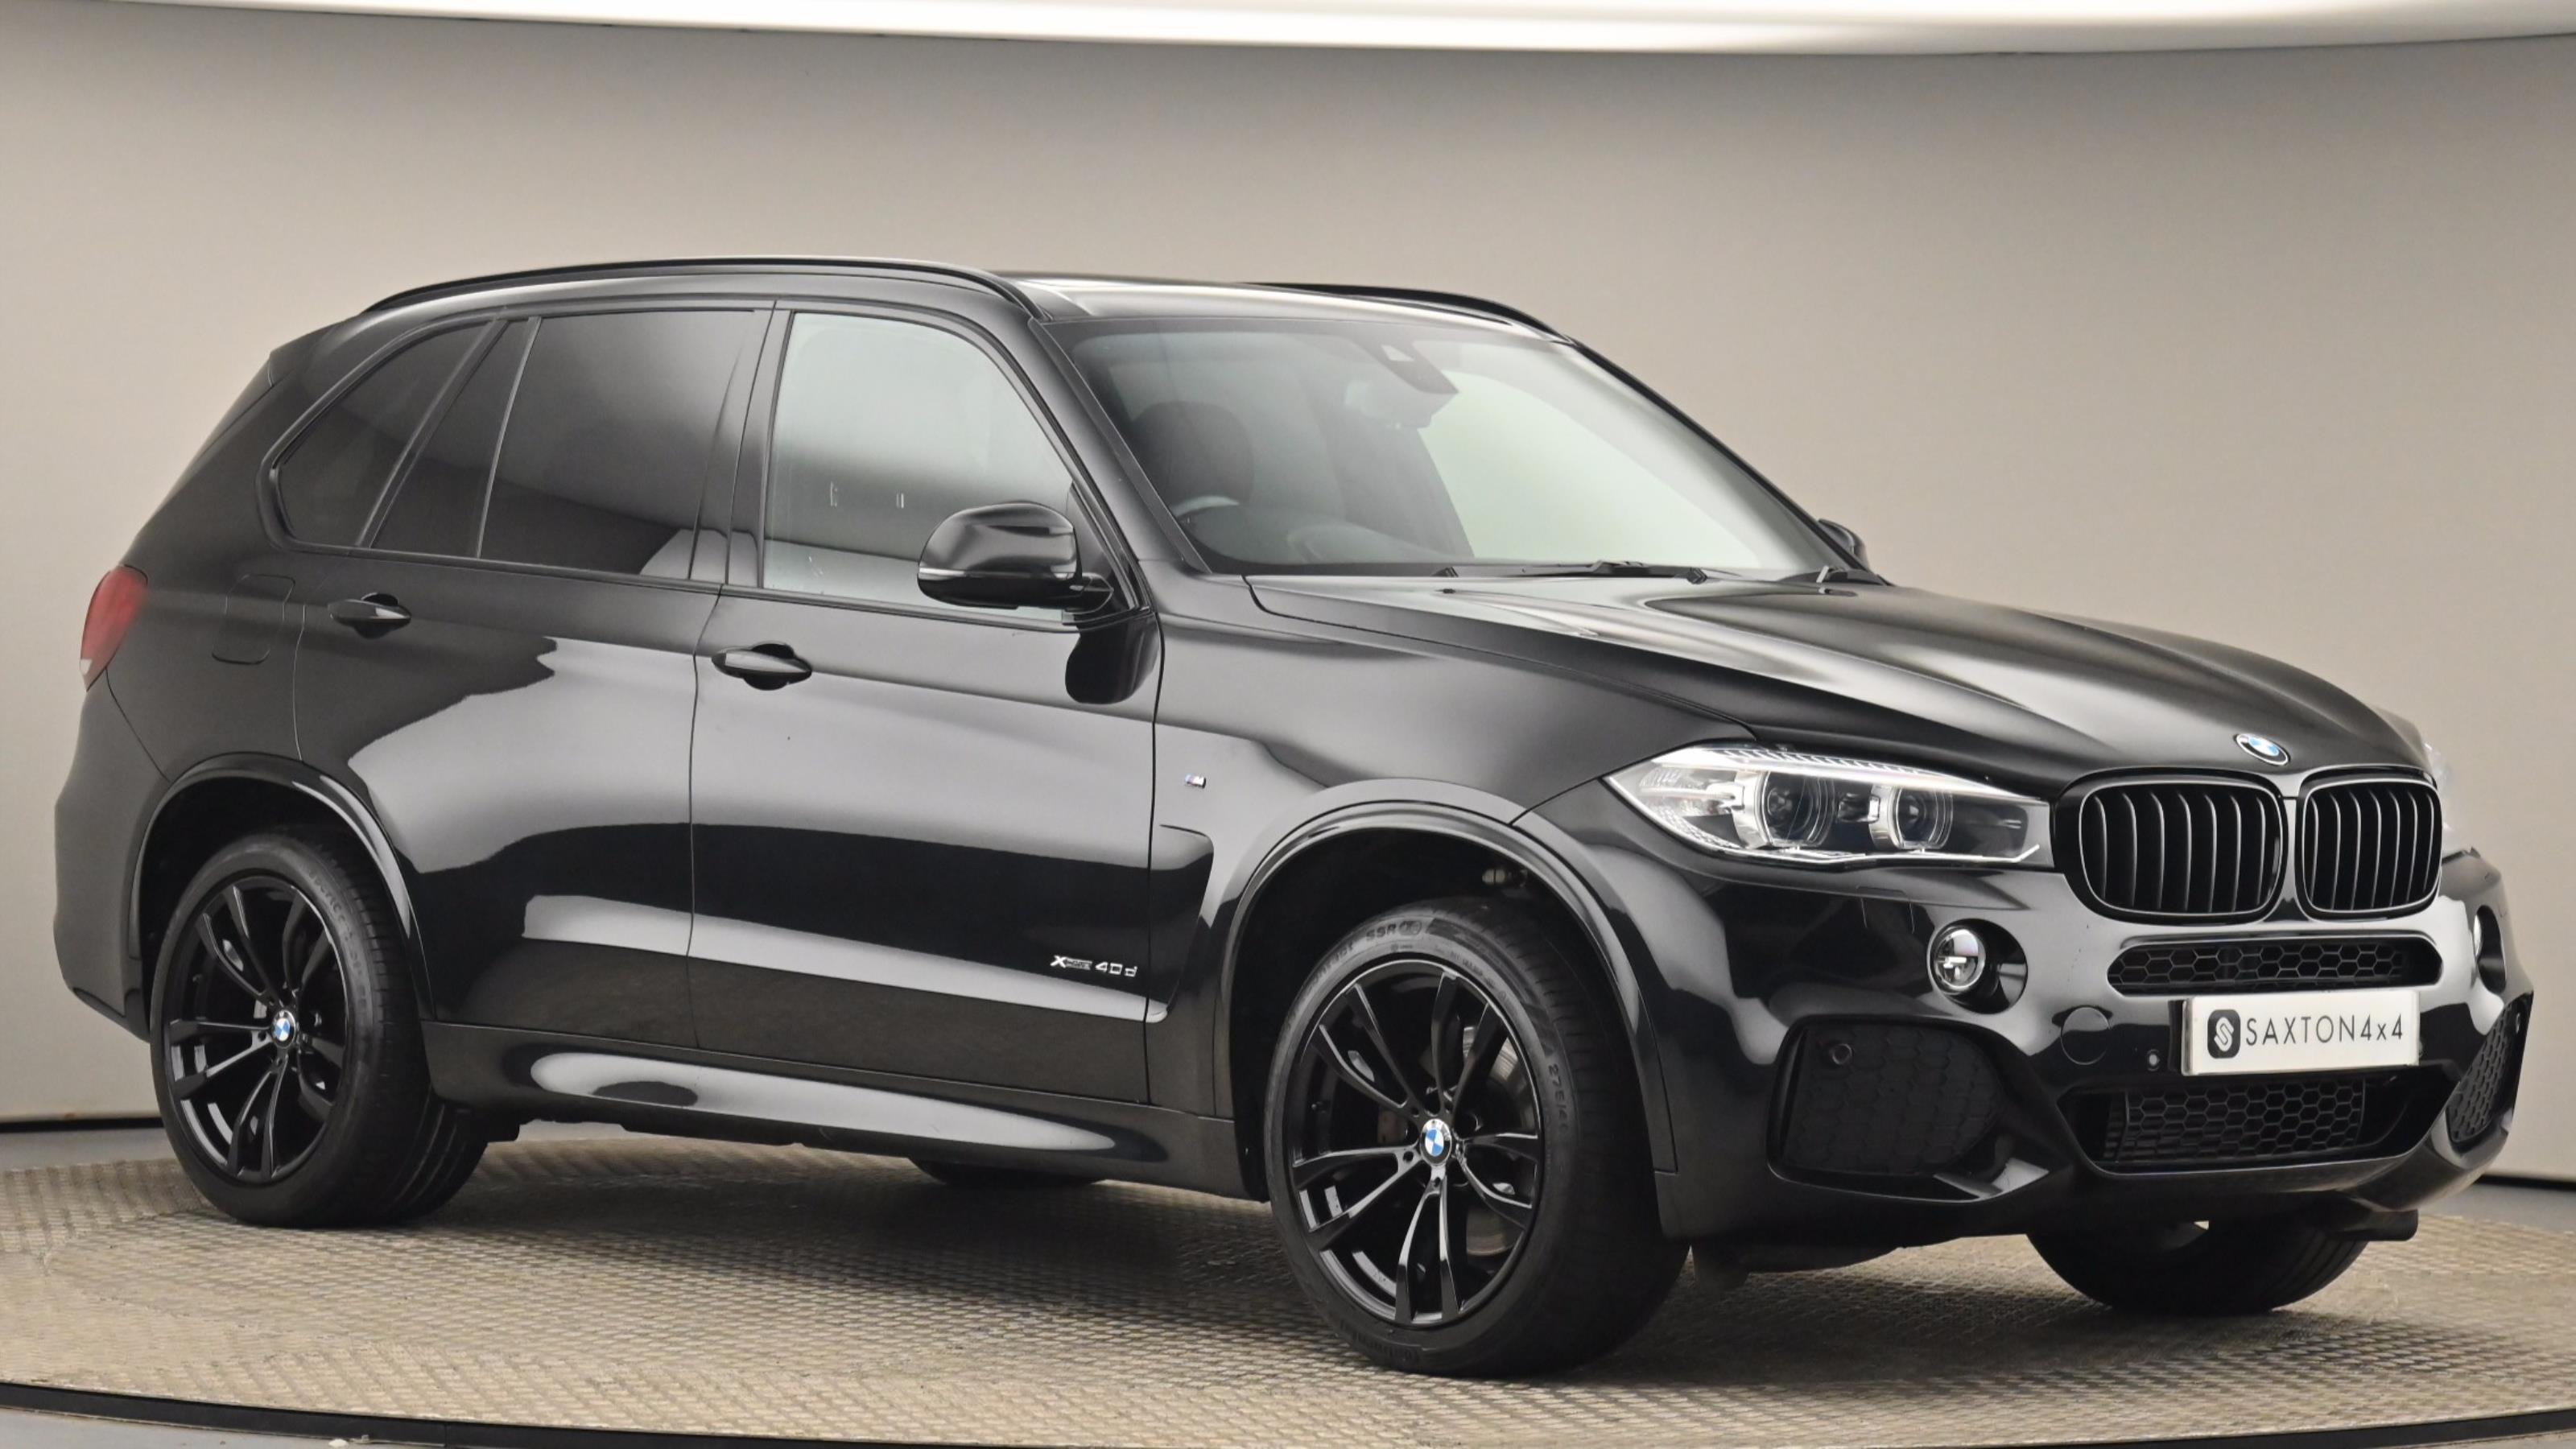 Used 2017 BMW X5 xDrive40d M Sport 5dr Auto [7 Seat] Black at Saxton4x4